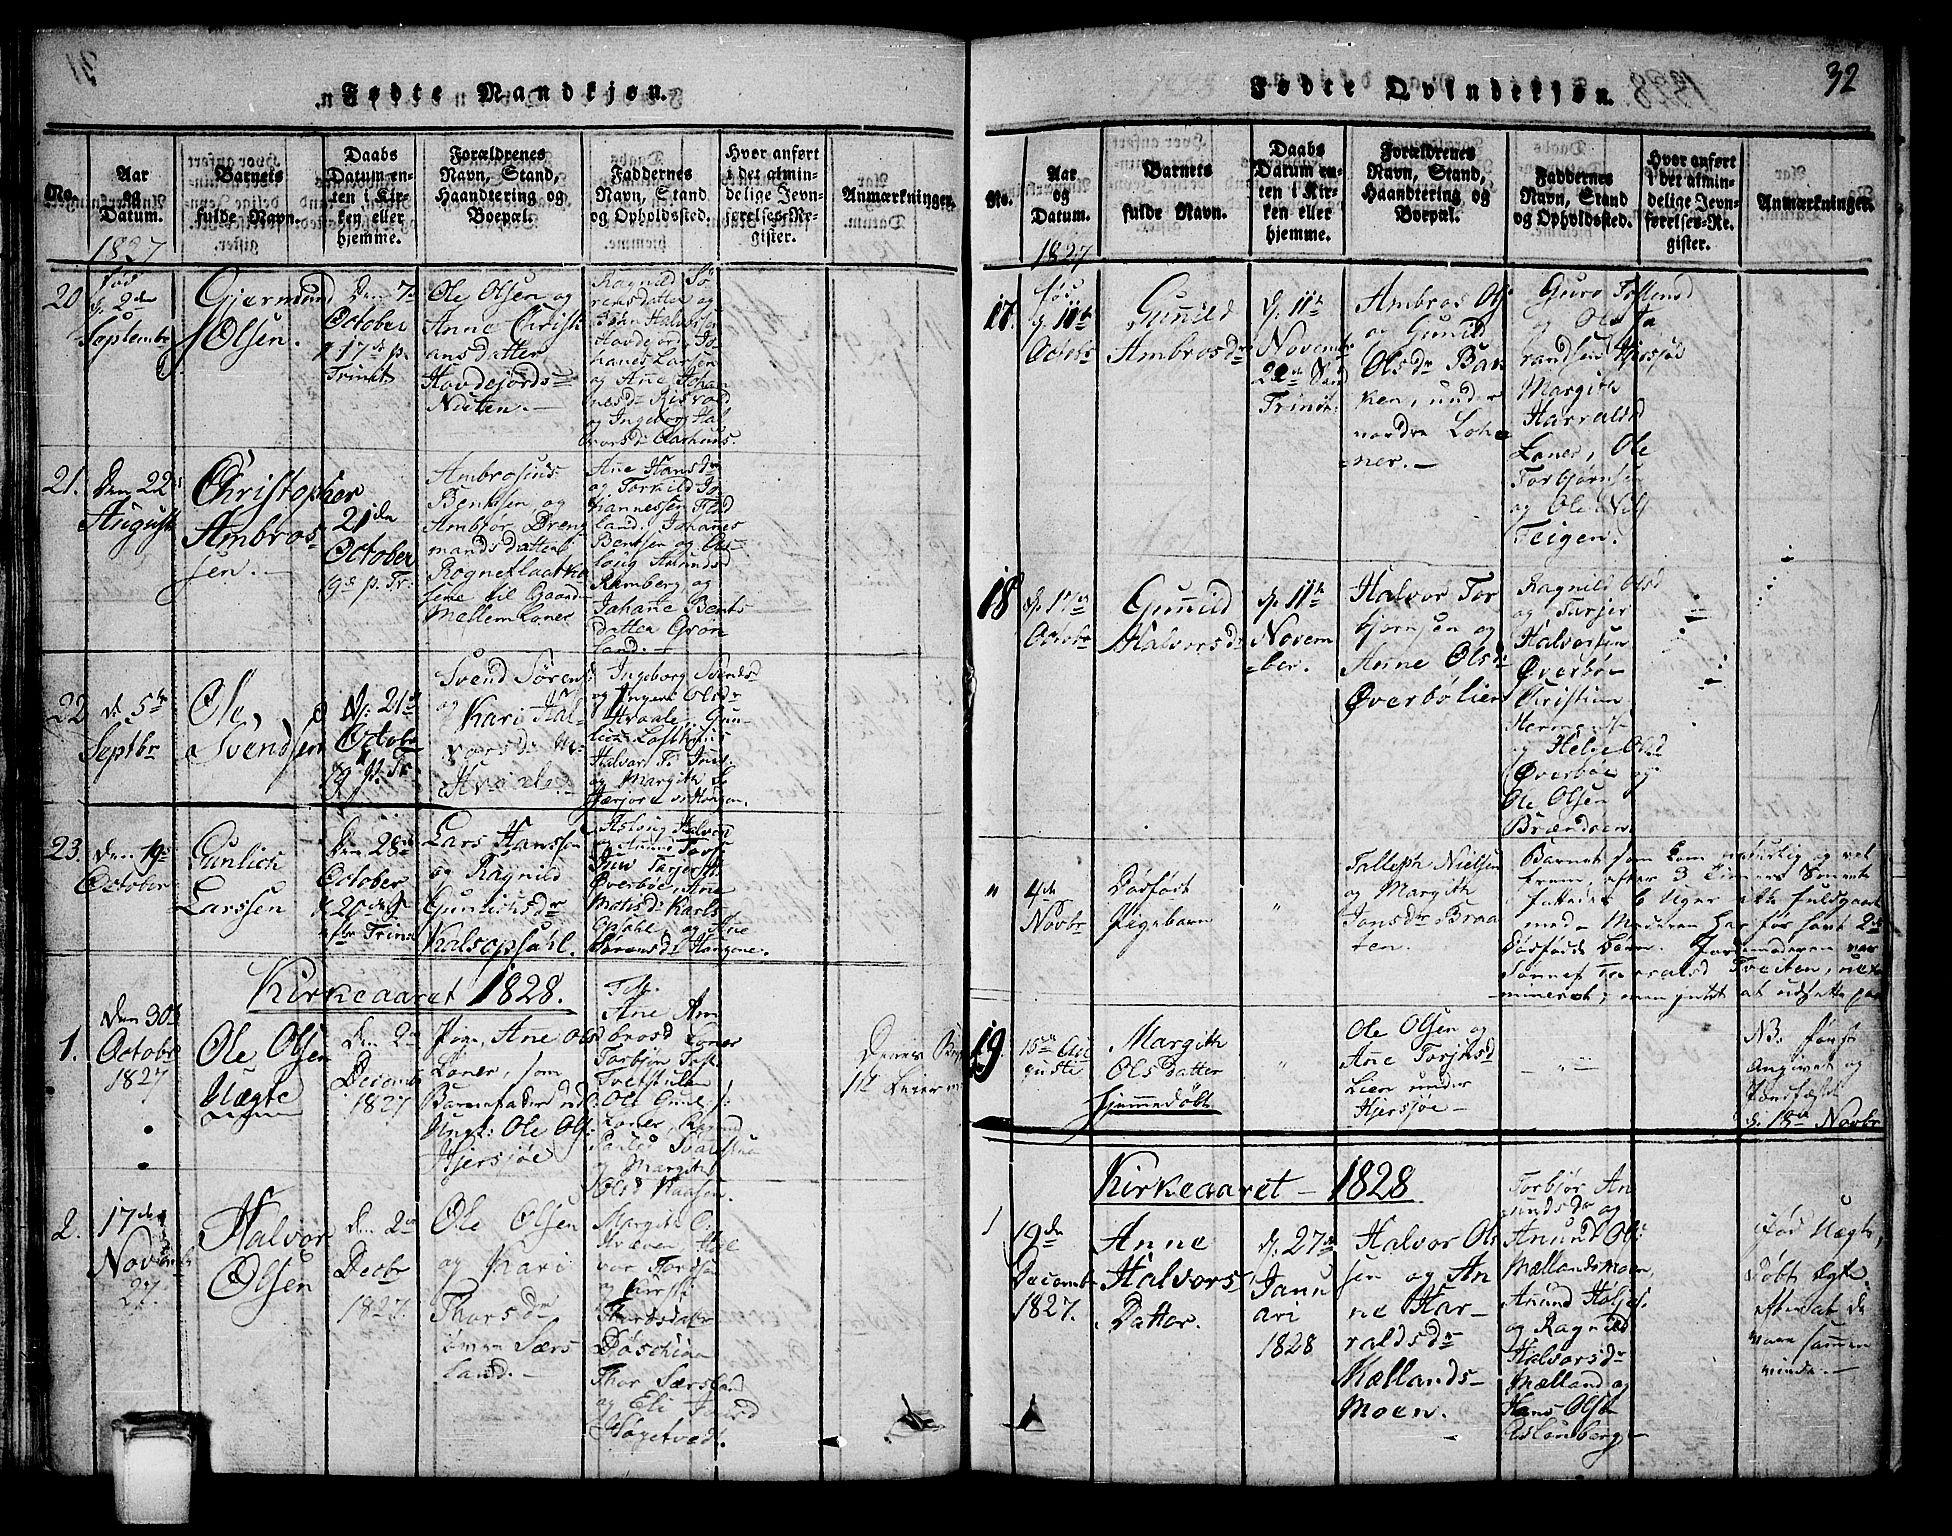 SAKO, Hjartdal kirkebøker, G/Ga/L0001: Klokkerbok nr. I 1, 1815-1842, s. 32